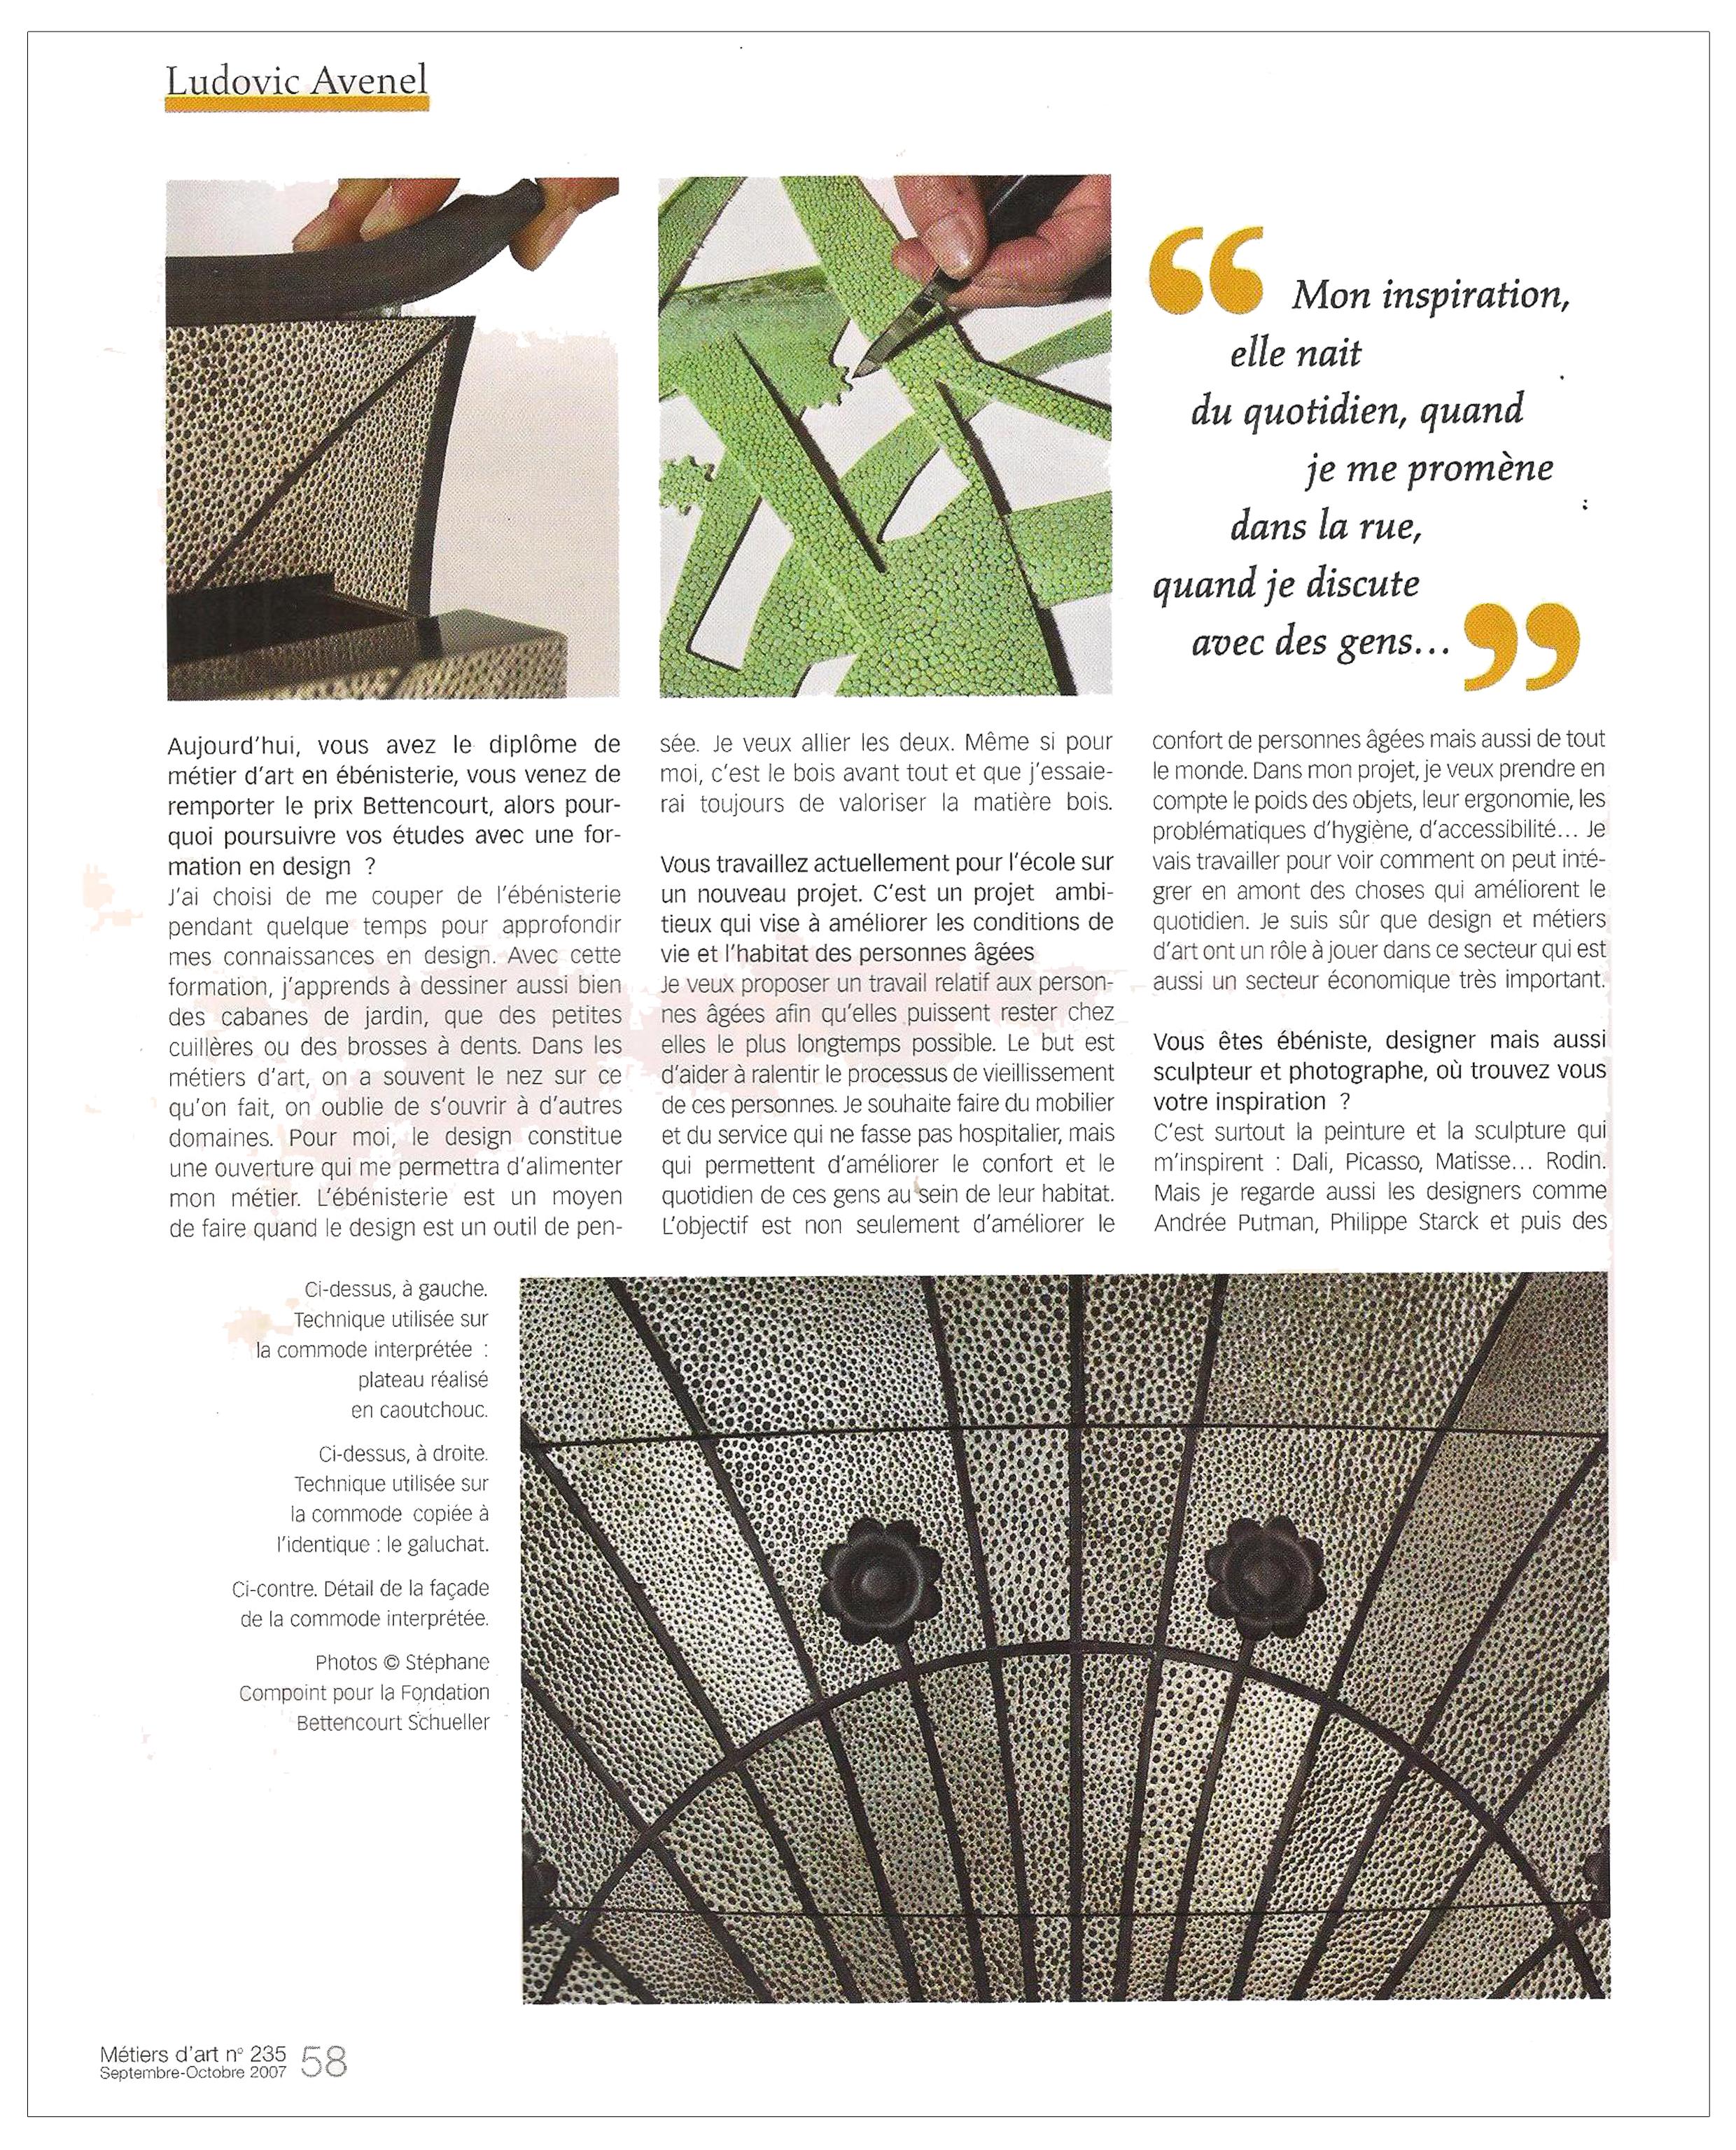 Ludovic AVENEL : ébéniste créateur - Ludovic_Avenel_press_métiers d'art_ebeniste_créateur_design_sur mesure_6